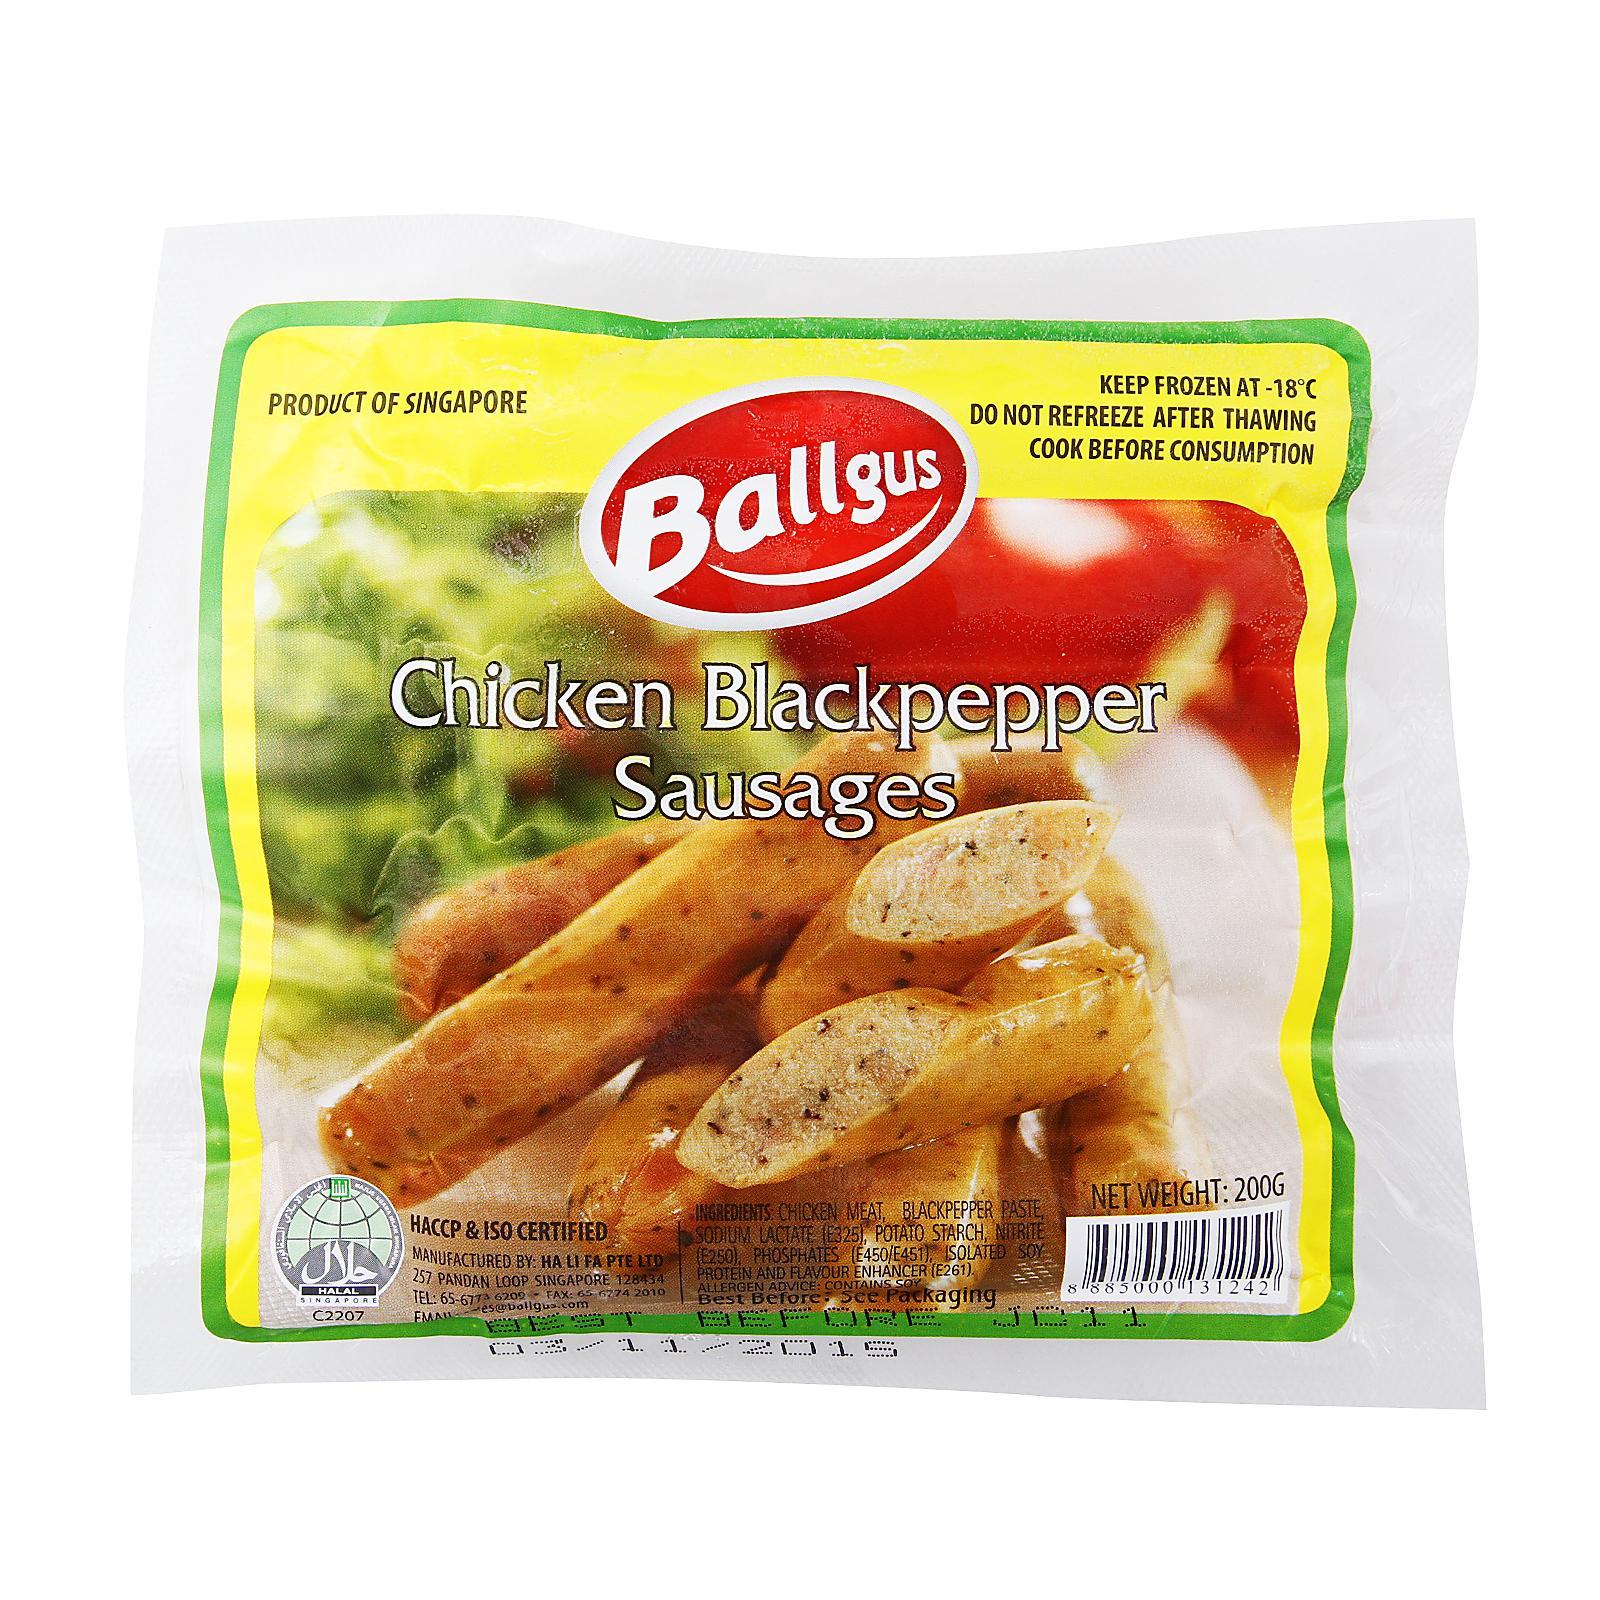 Ballgus Chicken Black Pepper Sausages - Frozen